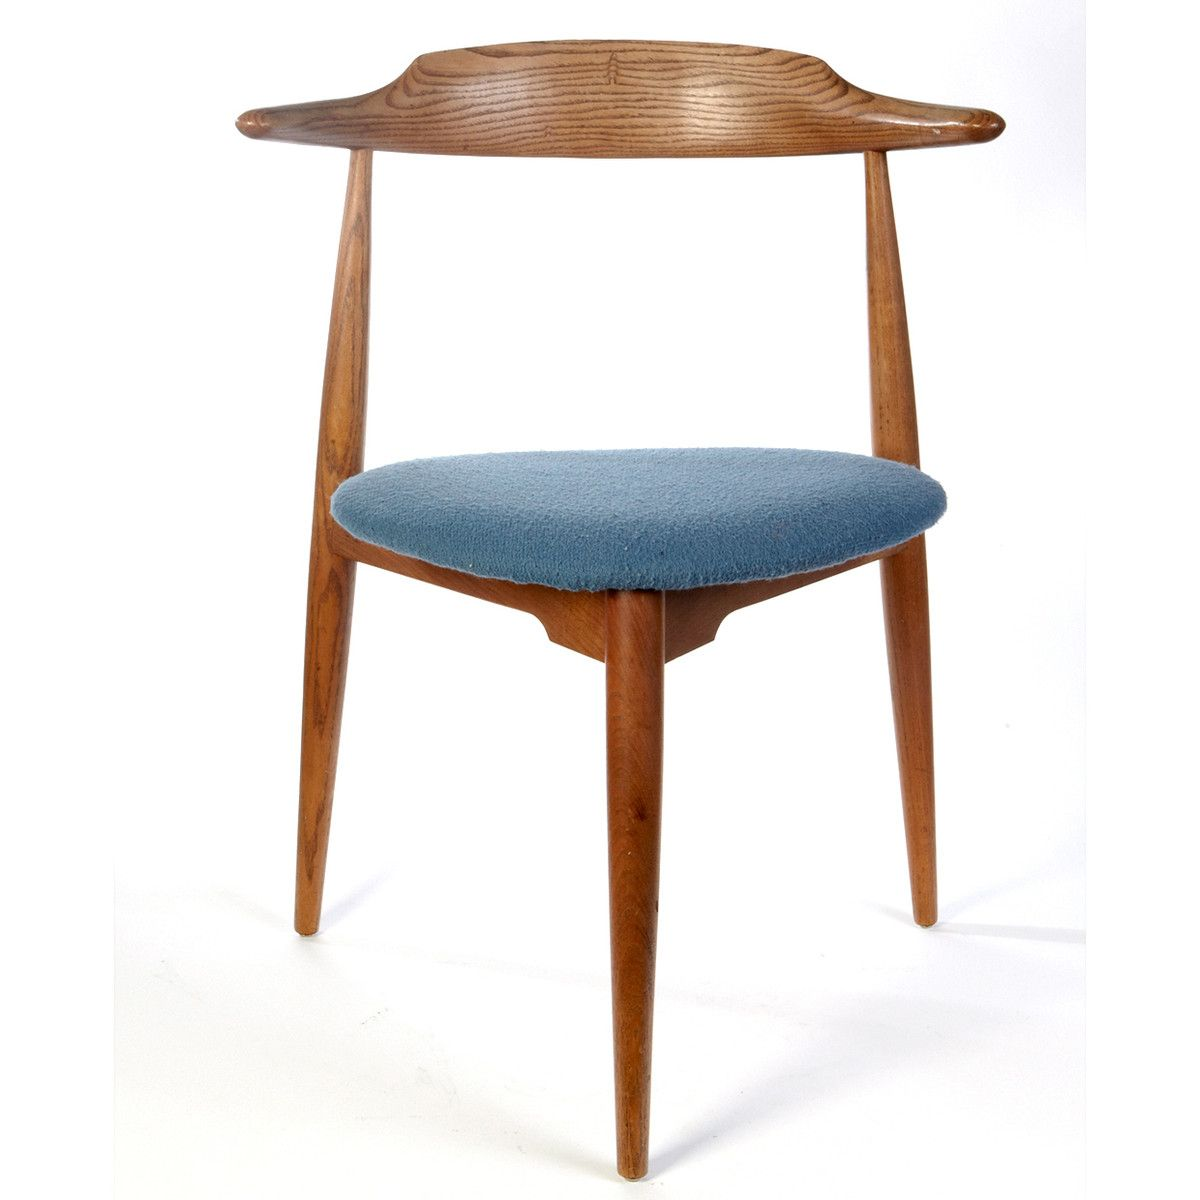 3 Legged Chair Magenta Sashes 1960 39s Designed By Hans Wegner Live